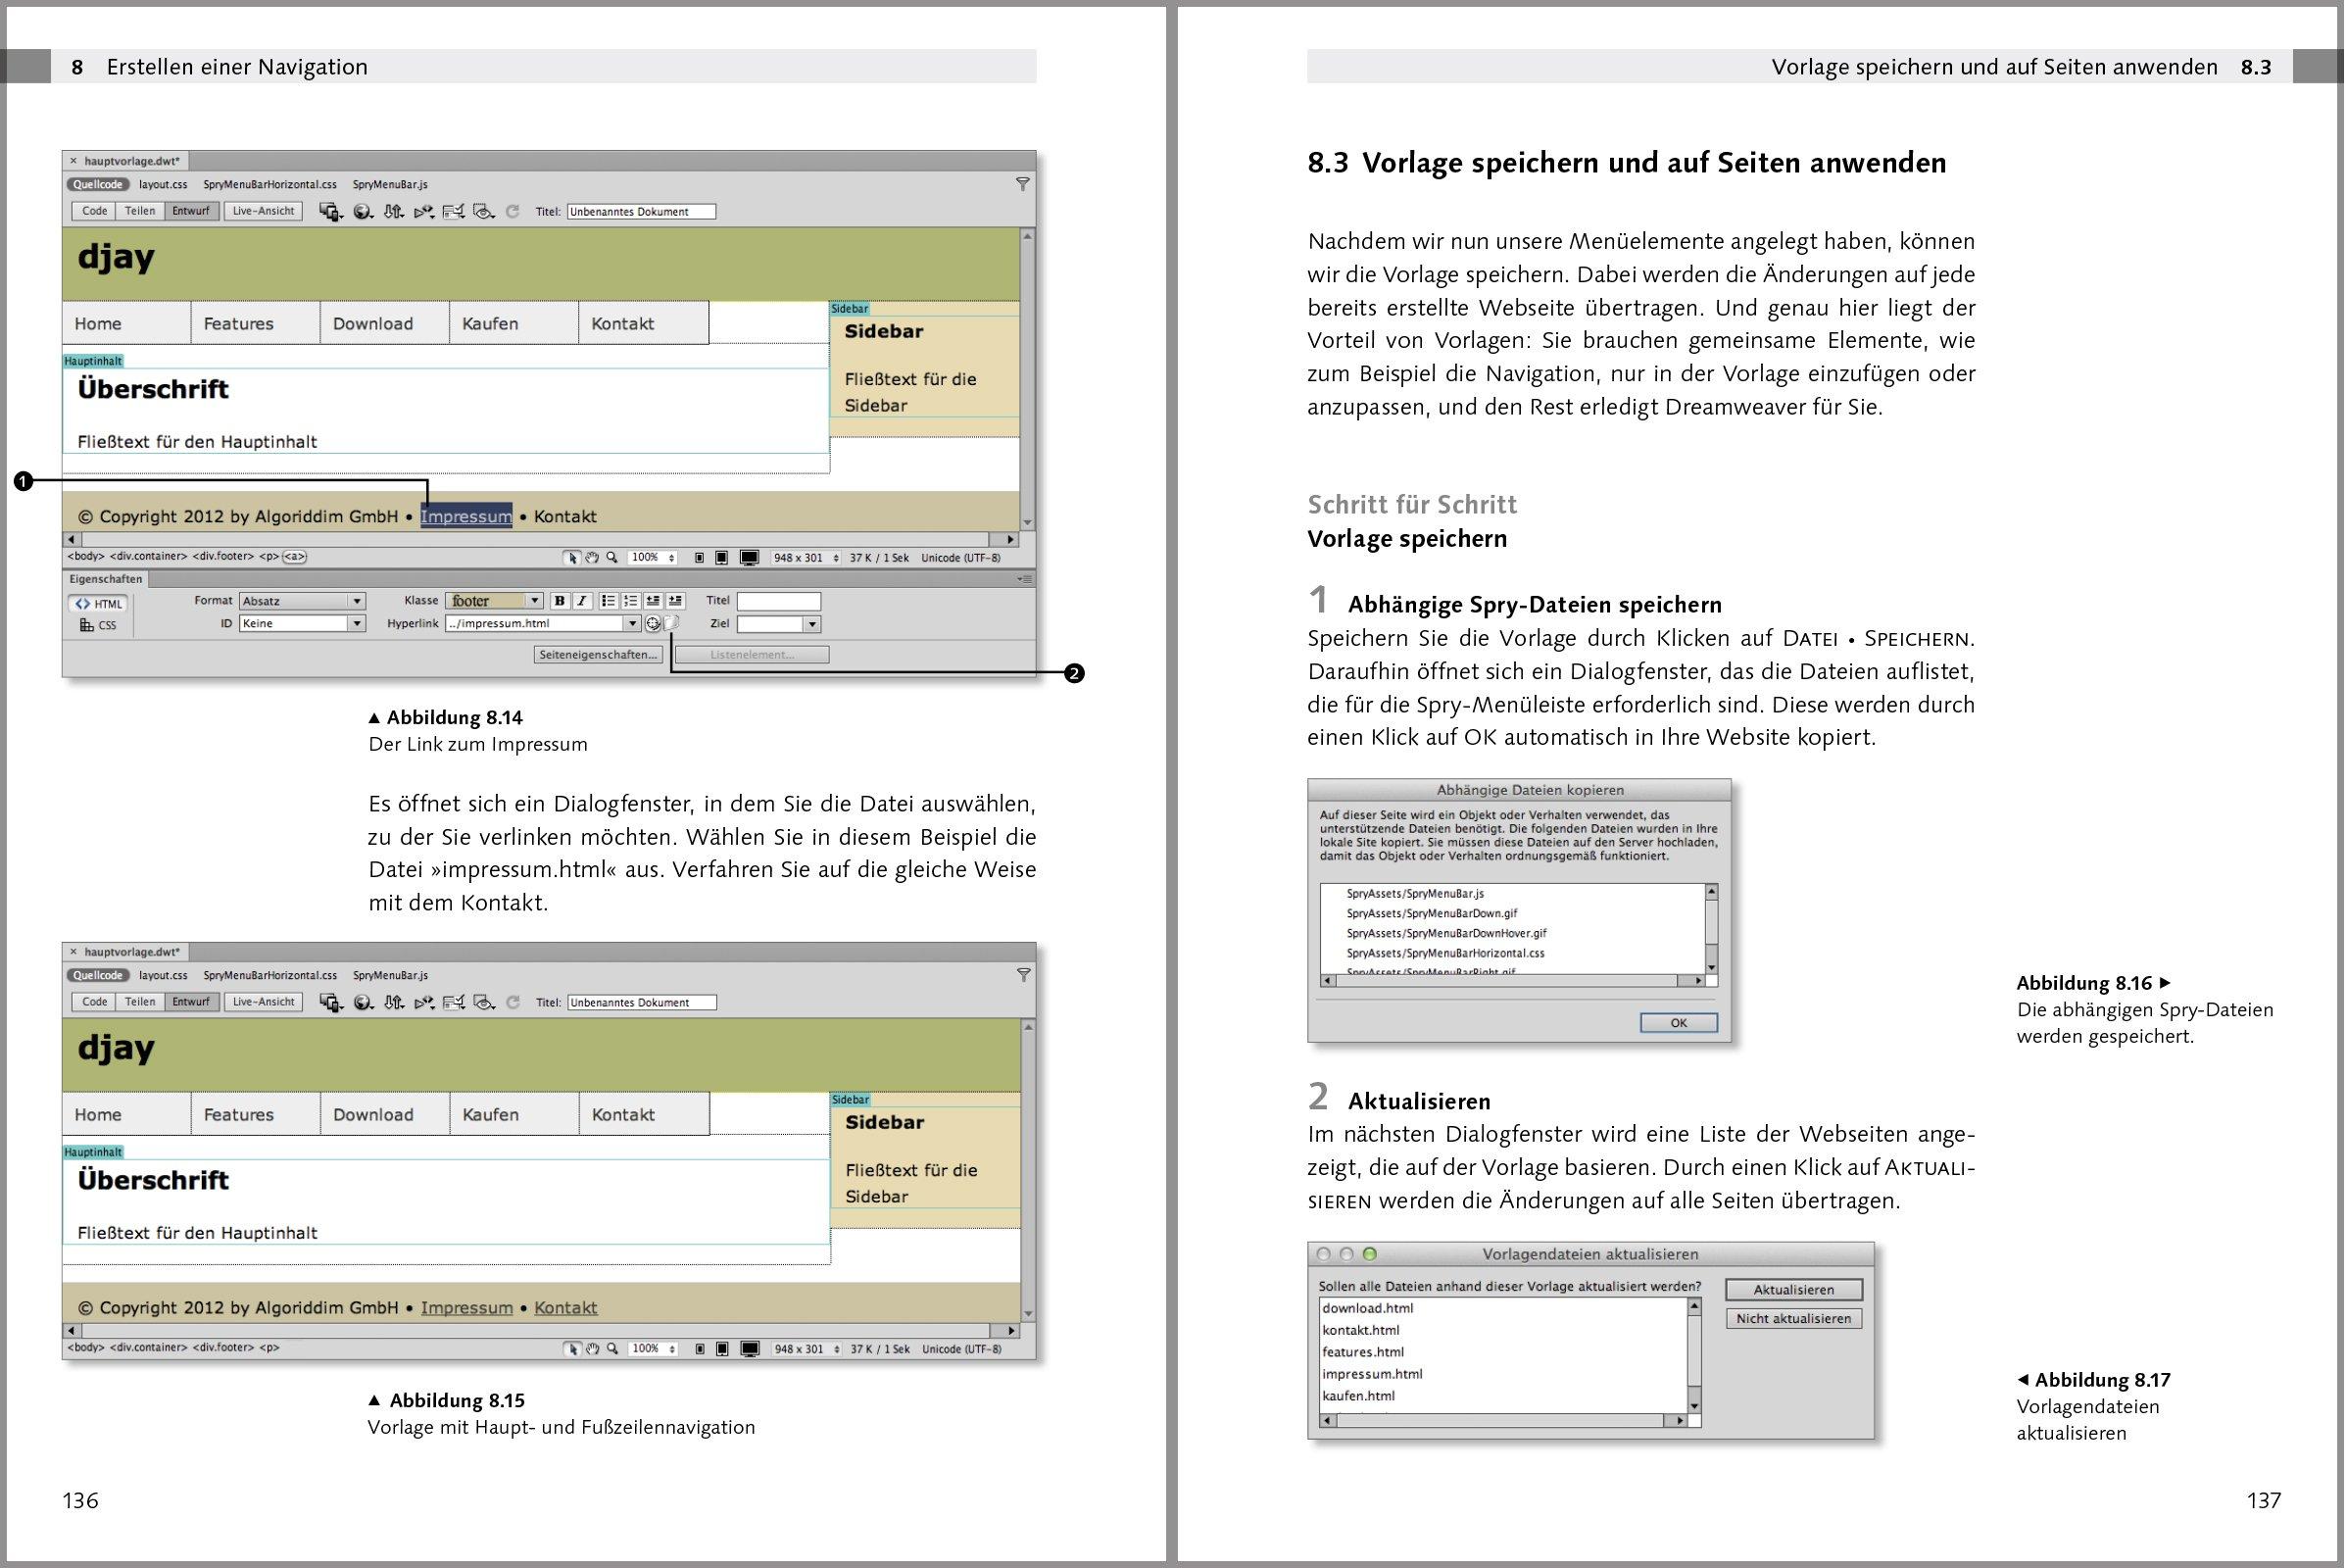 Erfreut Adobe Dreamweaver Vorlage Zeitgenössisch - Beispiel Business ...